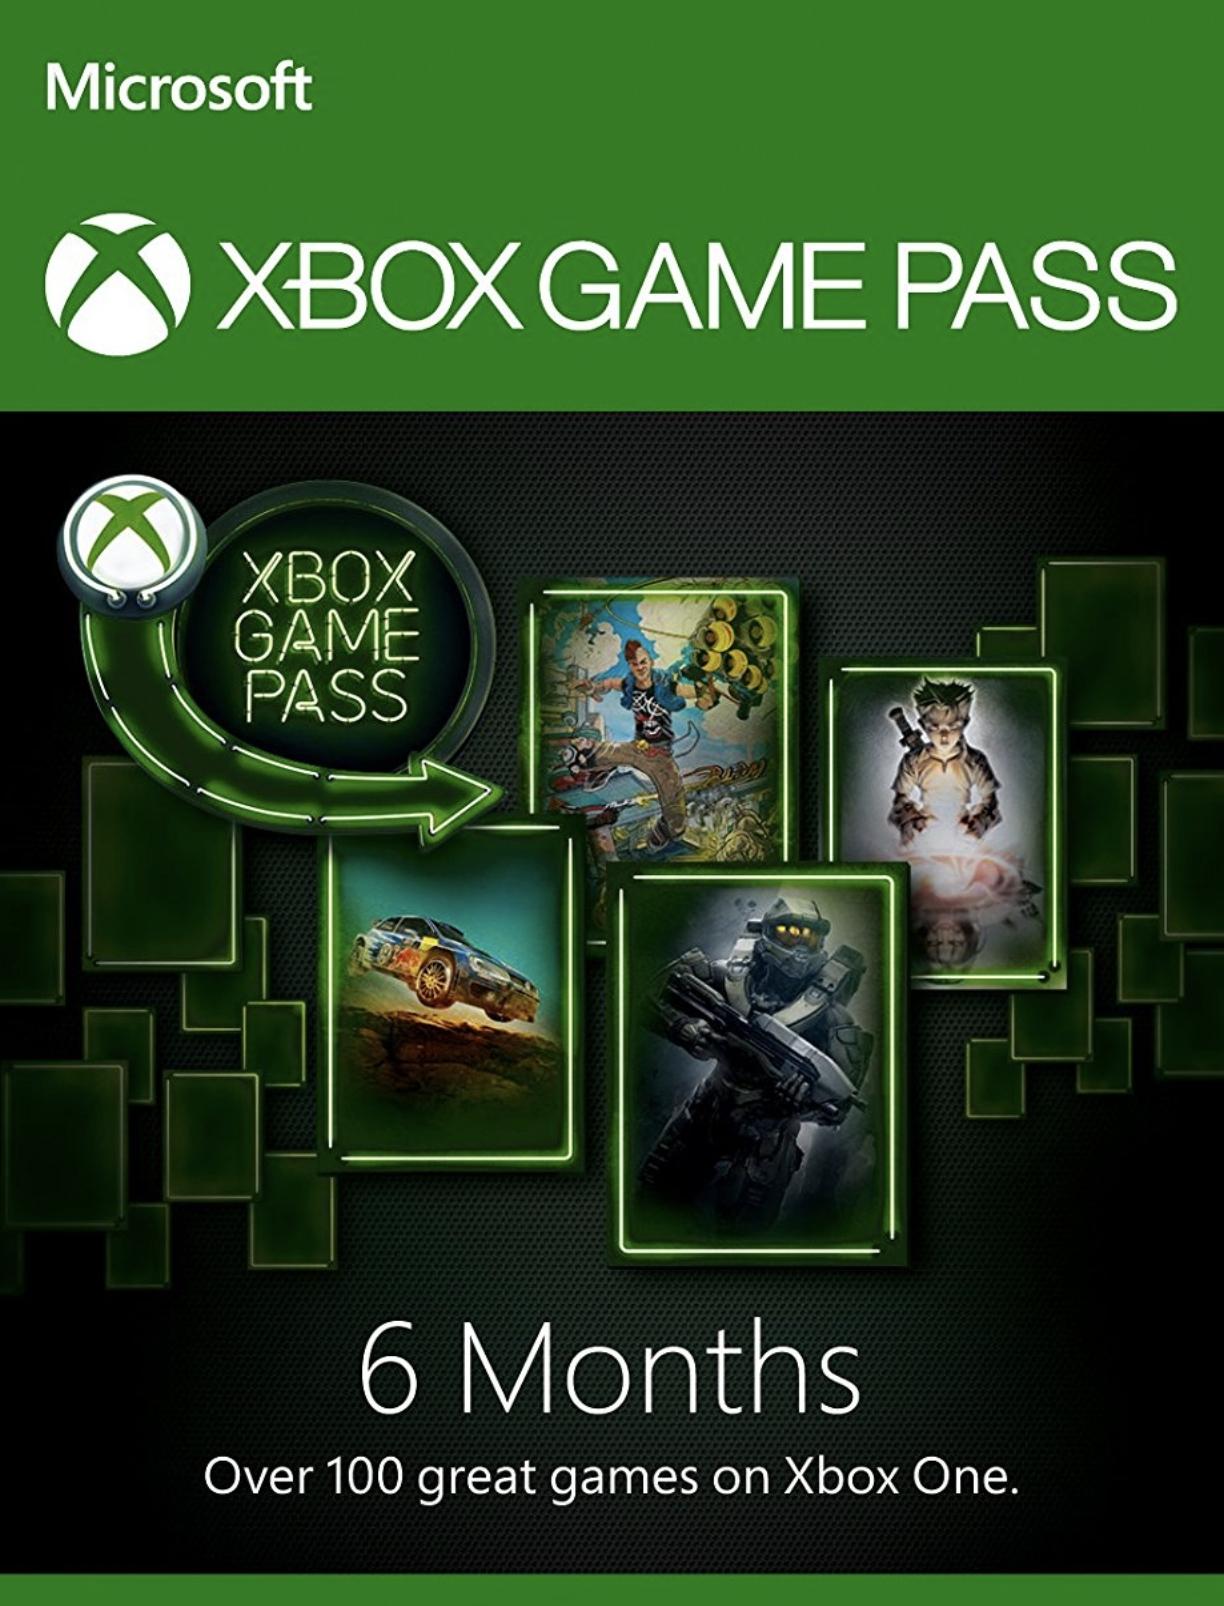 Abonnement de 6 mois au service Xbox Game Pass (dématérialisé)